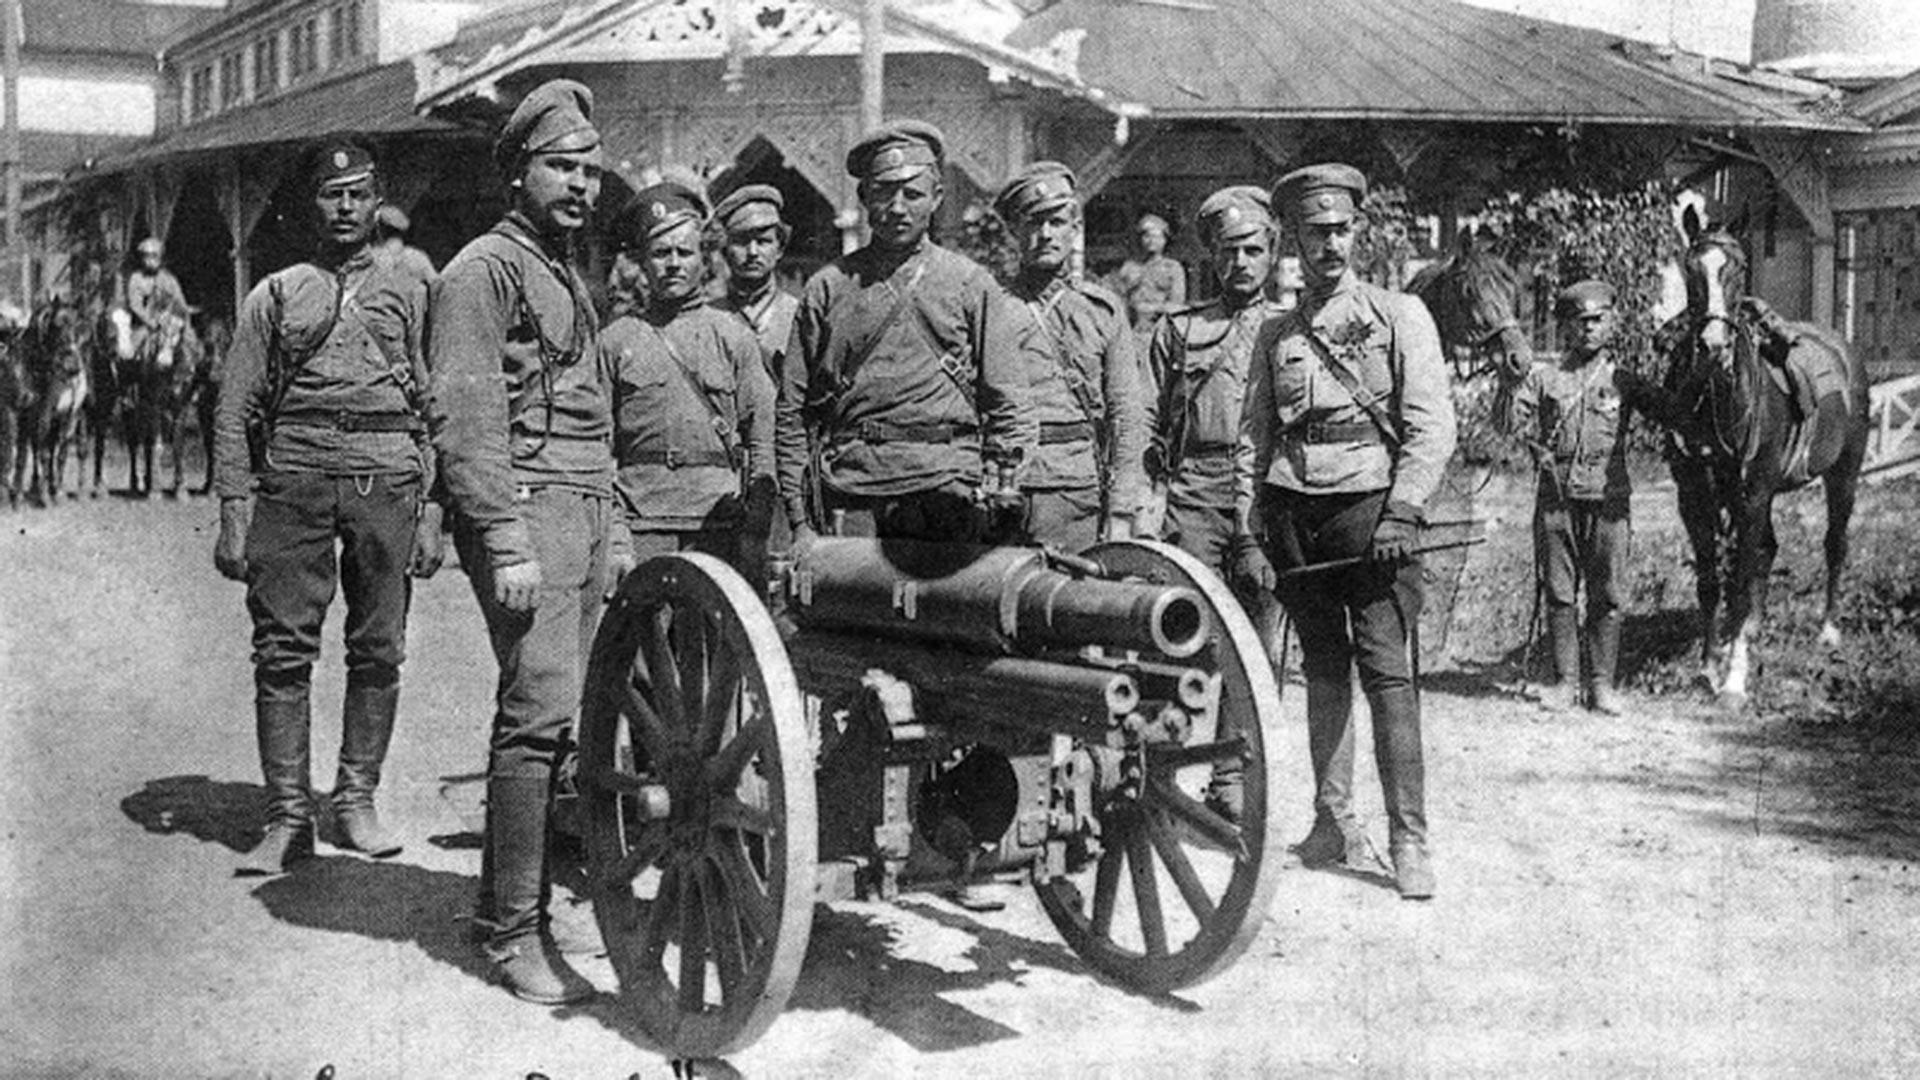 Des soldats de la section d'artillerie du détachement en compagnie de l'ataman Pounine.